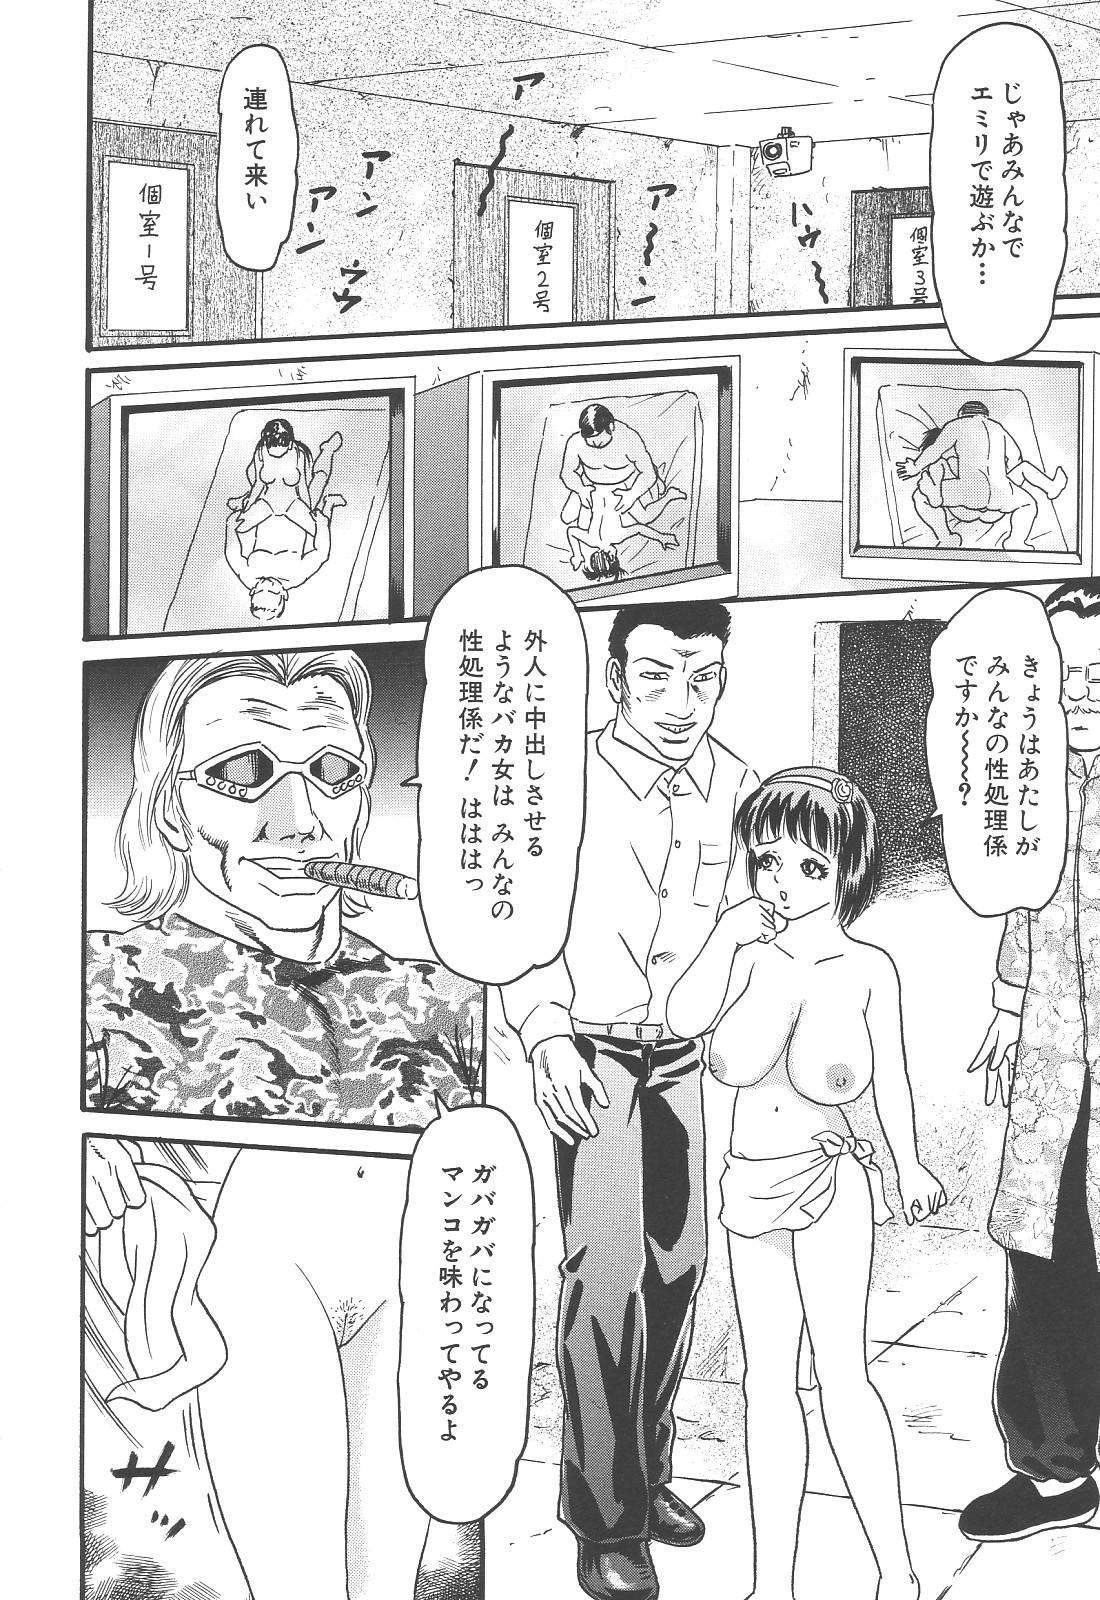 Bakunyuu Kyousei Rinkan 111